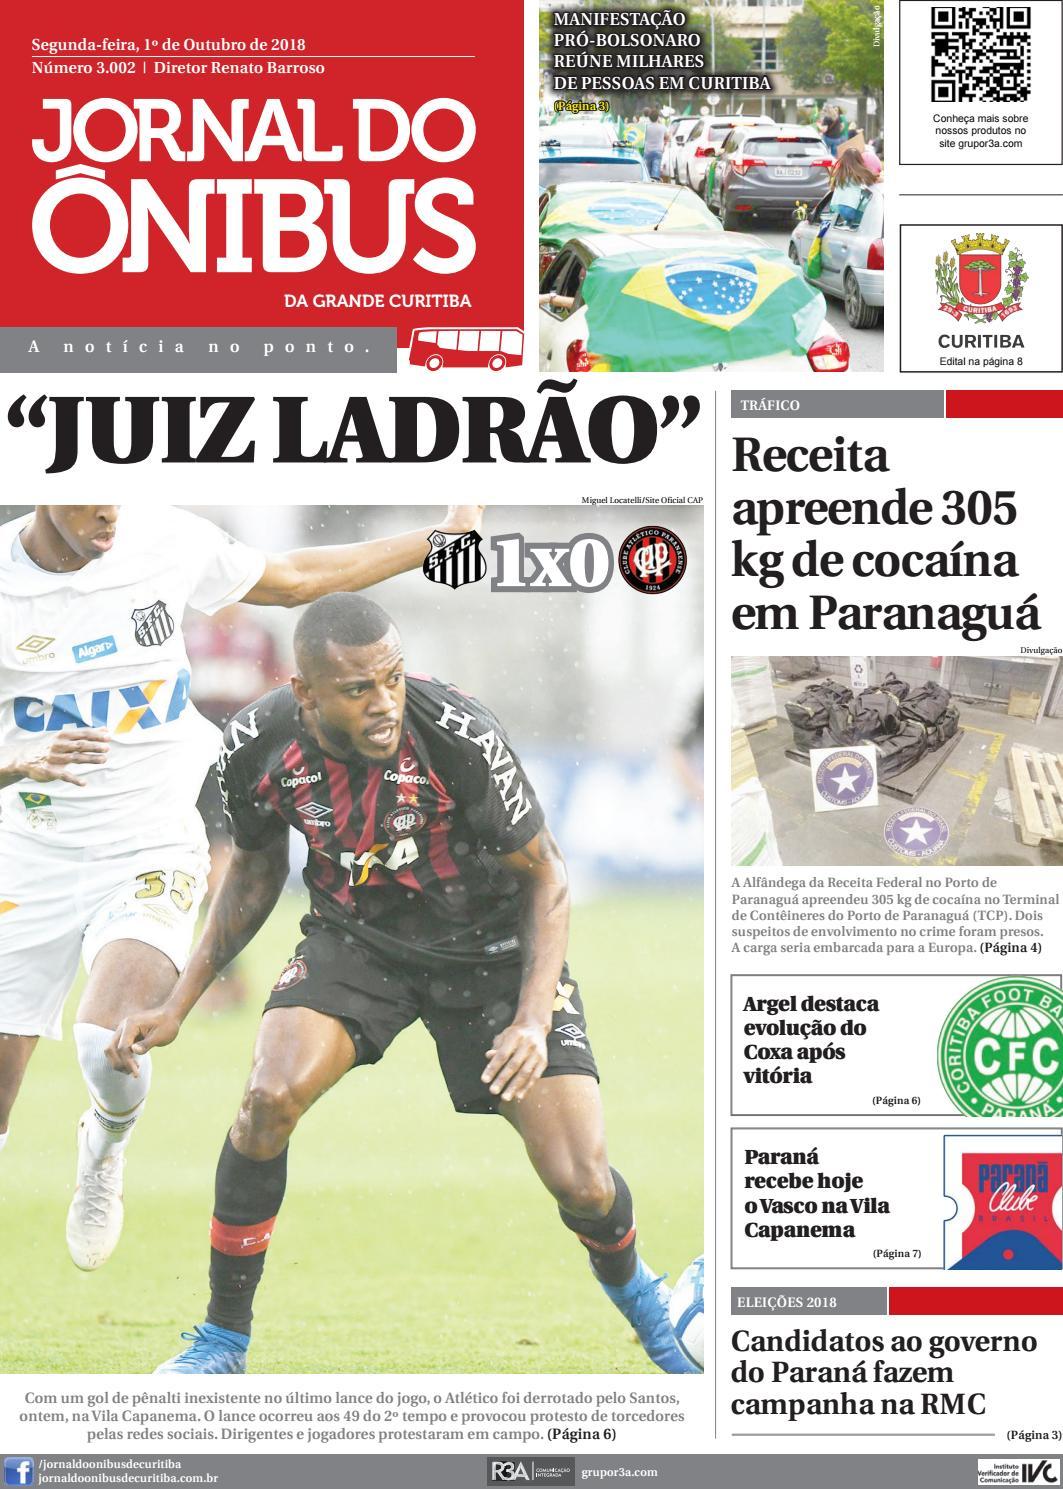 Jornal do Ônibus de Curitiba - 1º 10 18 by Editora Correio Paranaense -  issuu a8885ac0af3ca